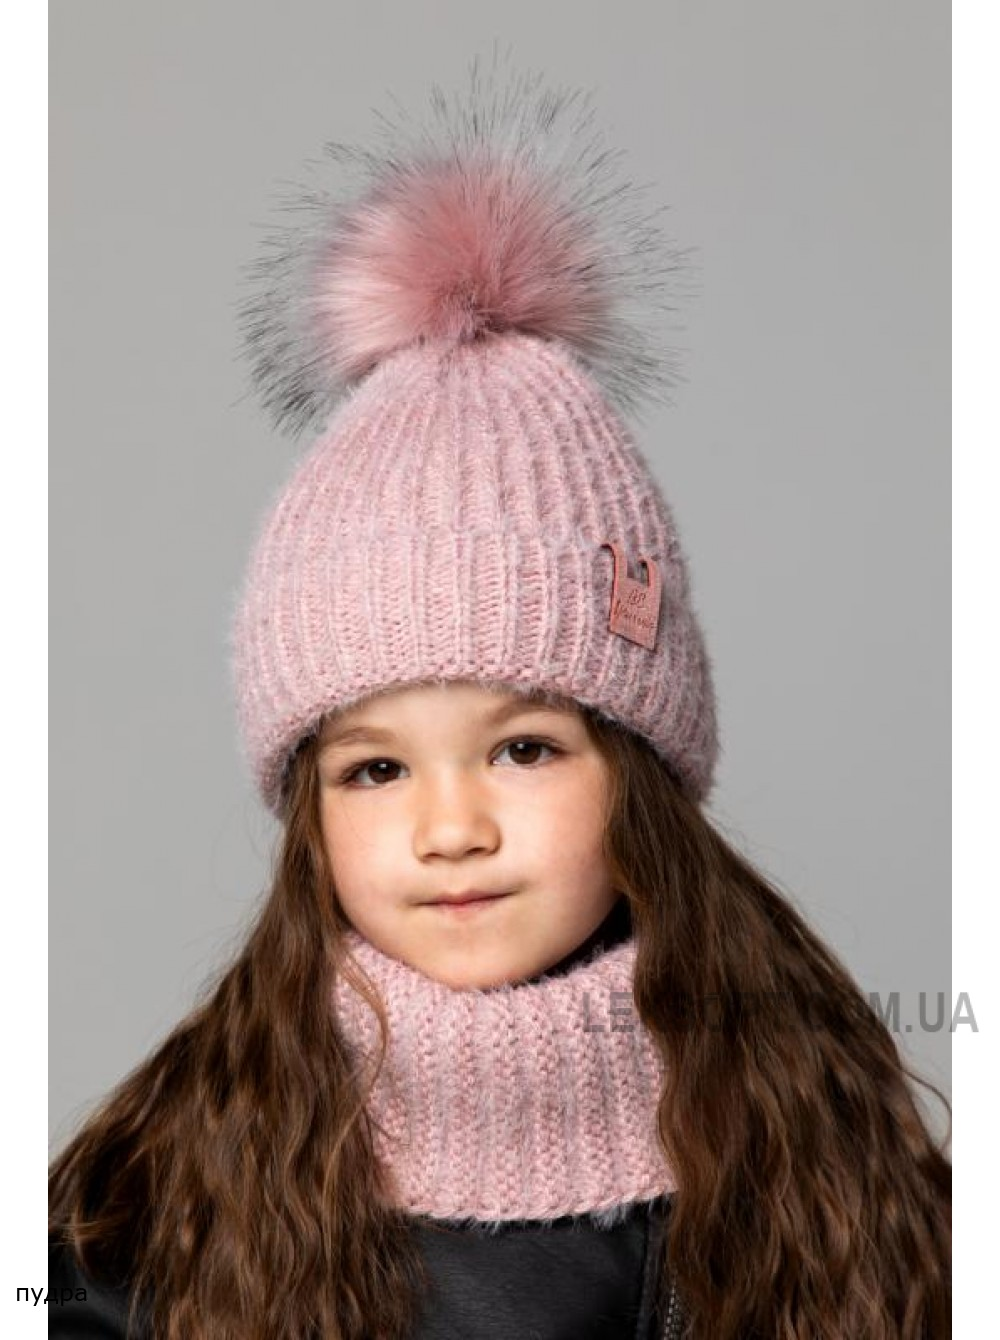 Детская вязаная шапка Милана D75836-48-52